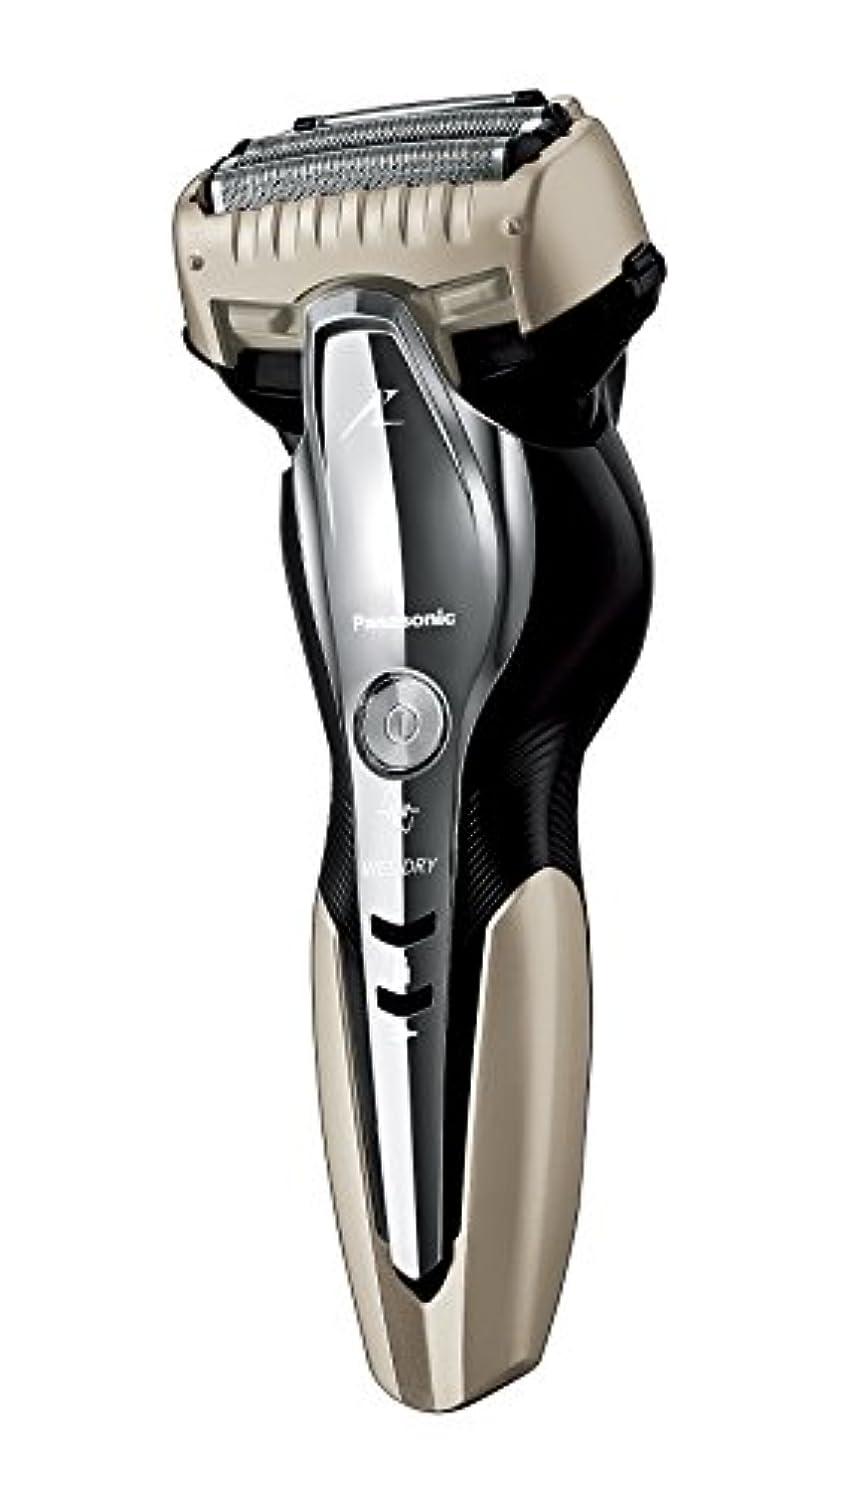 ズボンクール延期するパナソニック ラムダッシュ メンズシェーバー 3枚刃 お風呂剃り可 ゴールド調 ES-ST8N-N